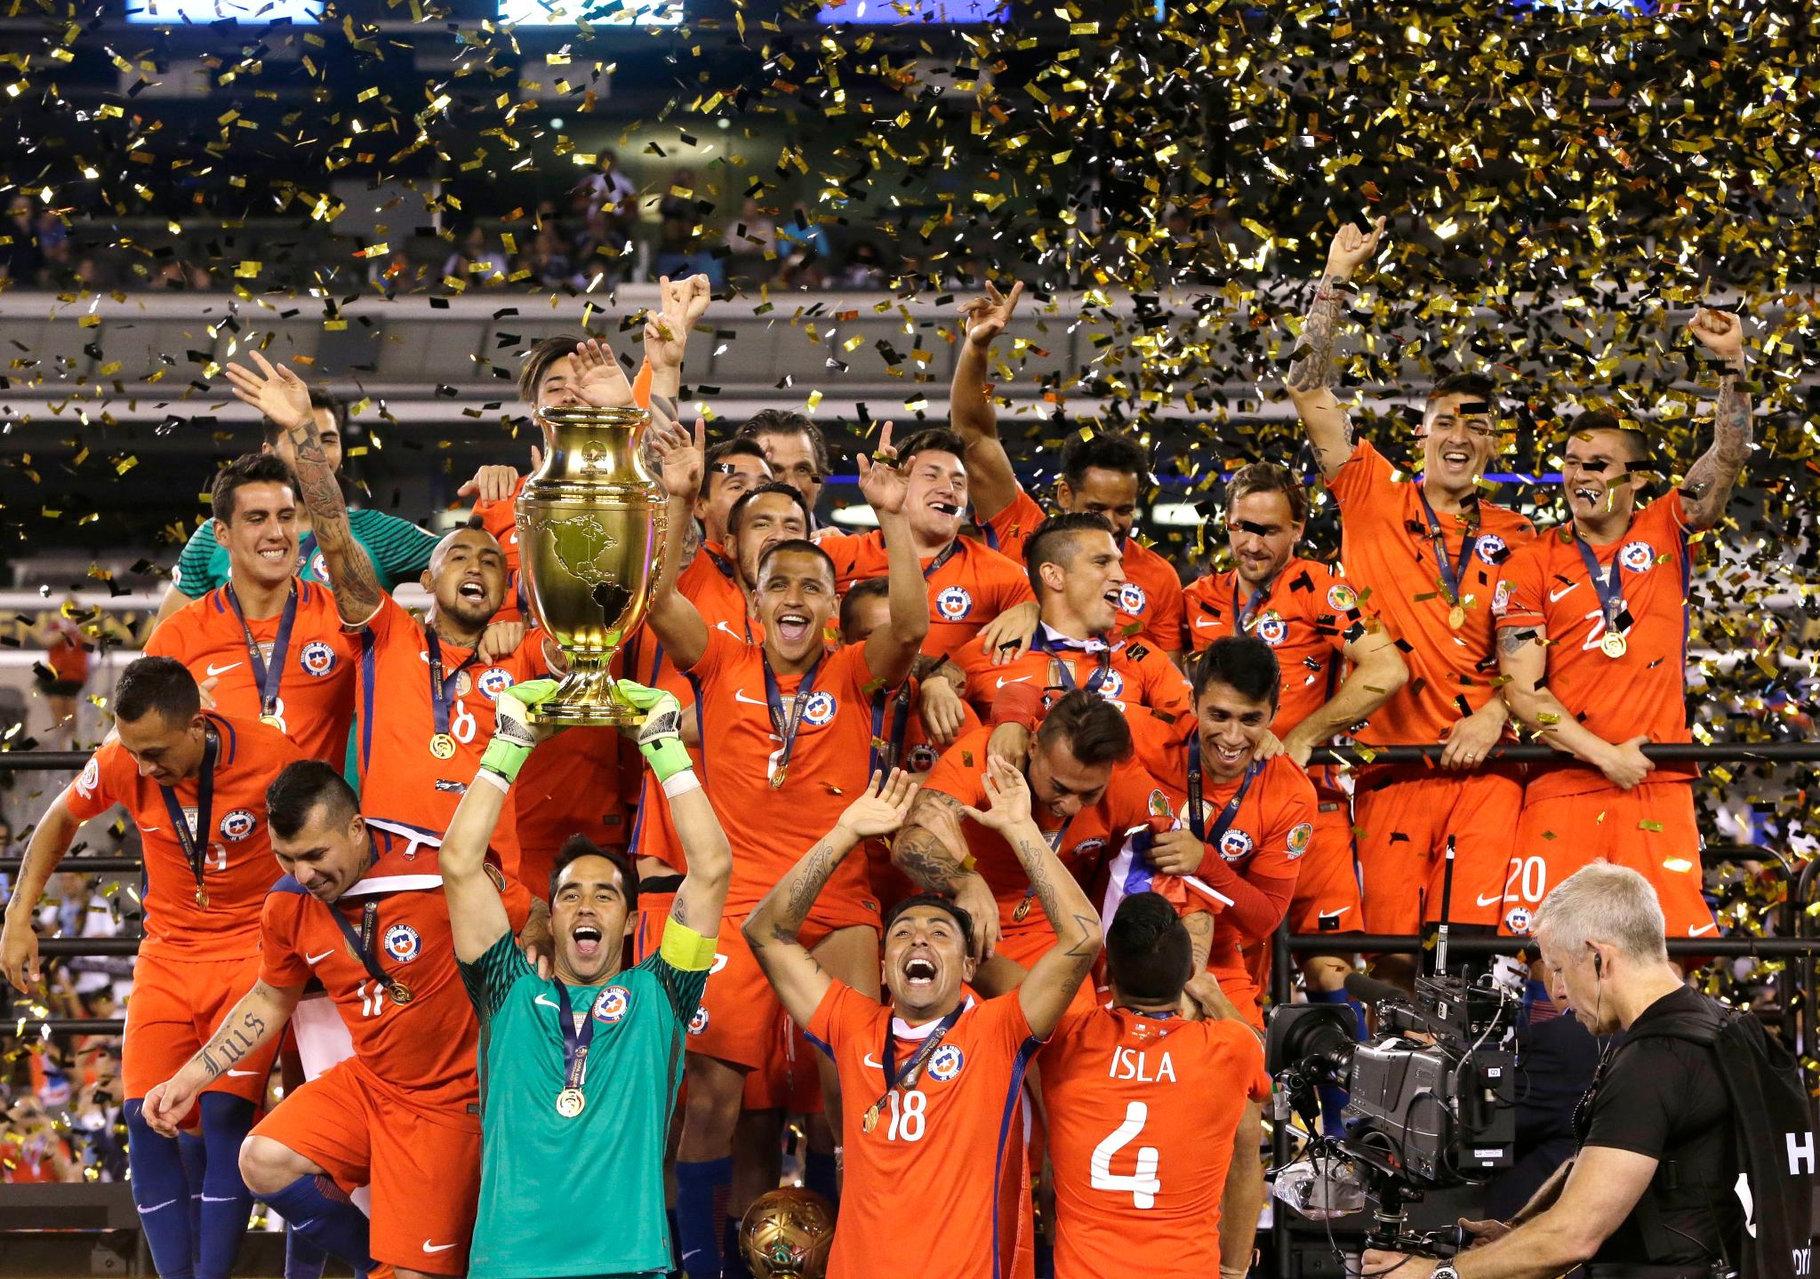 智利点胜阿根廷夺得百年美洲杯冠军, 两年两次